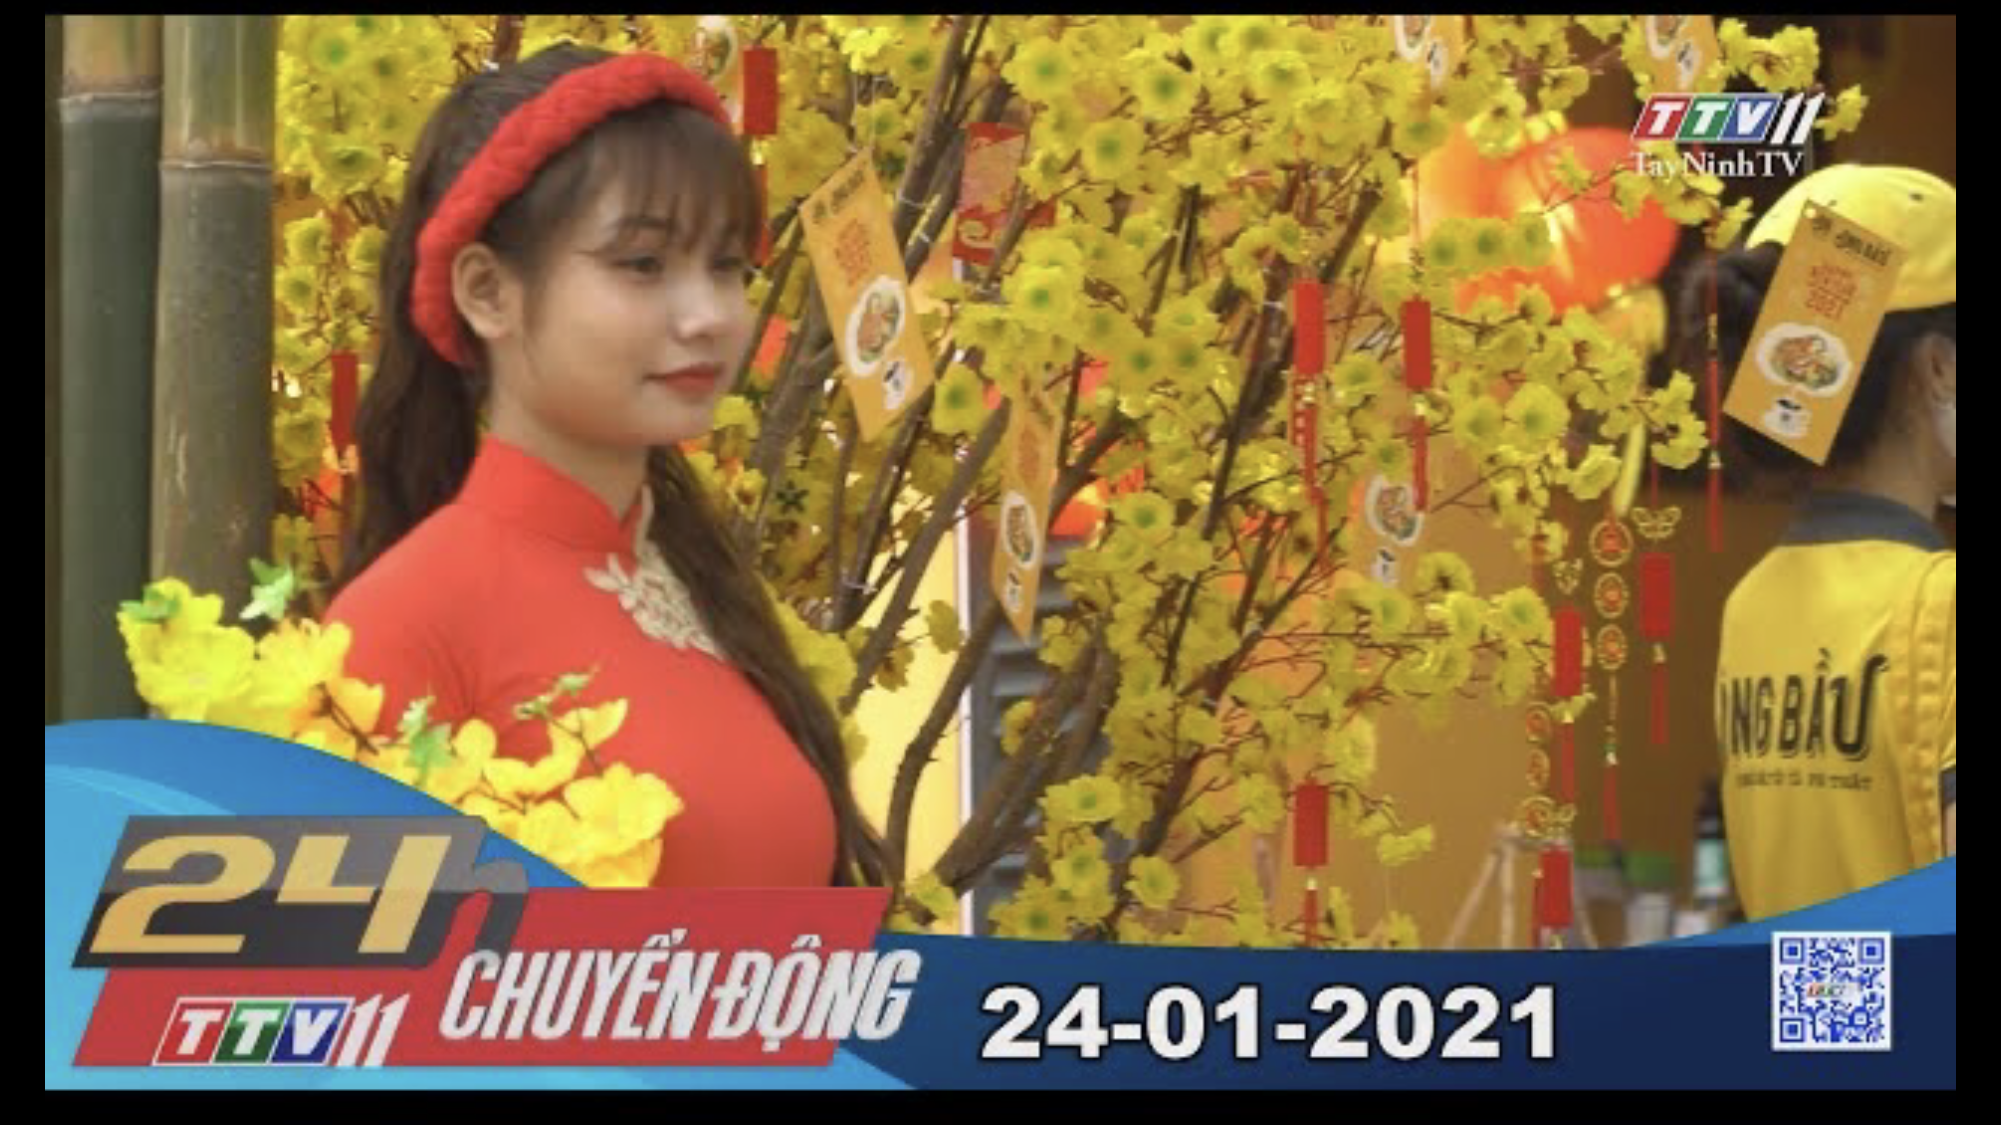 24h Chuyển động 24-01-2021 | Tin tức hôm nay | TayNinhTV